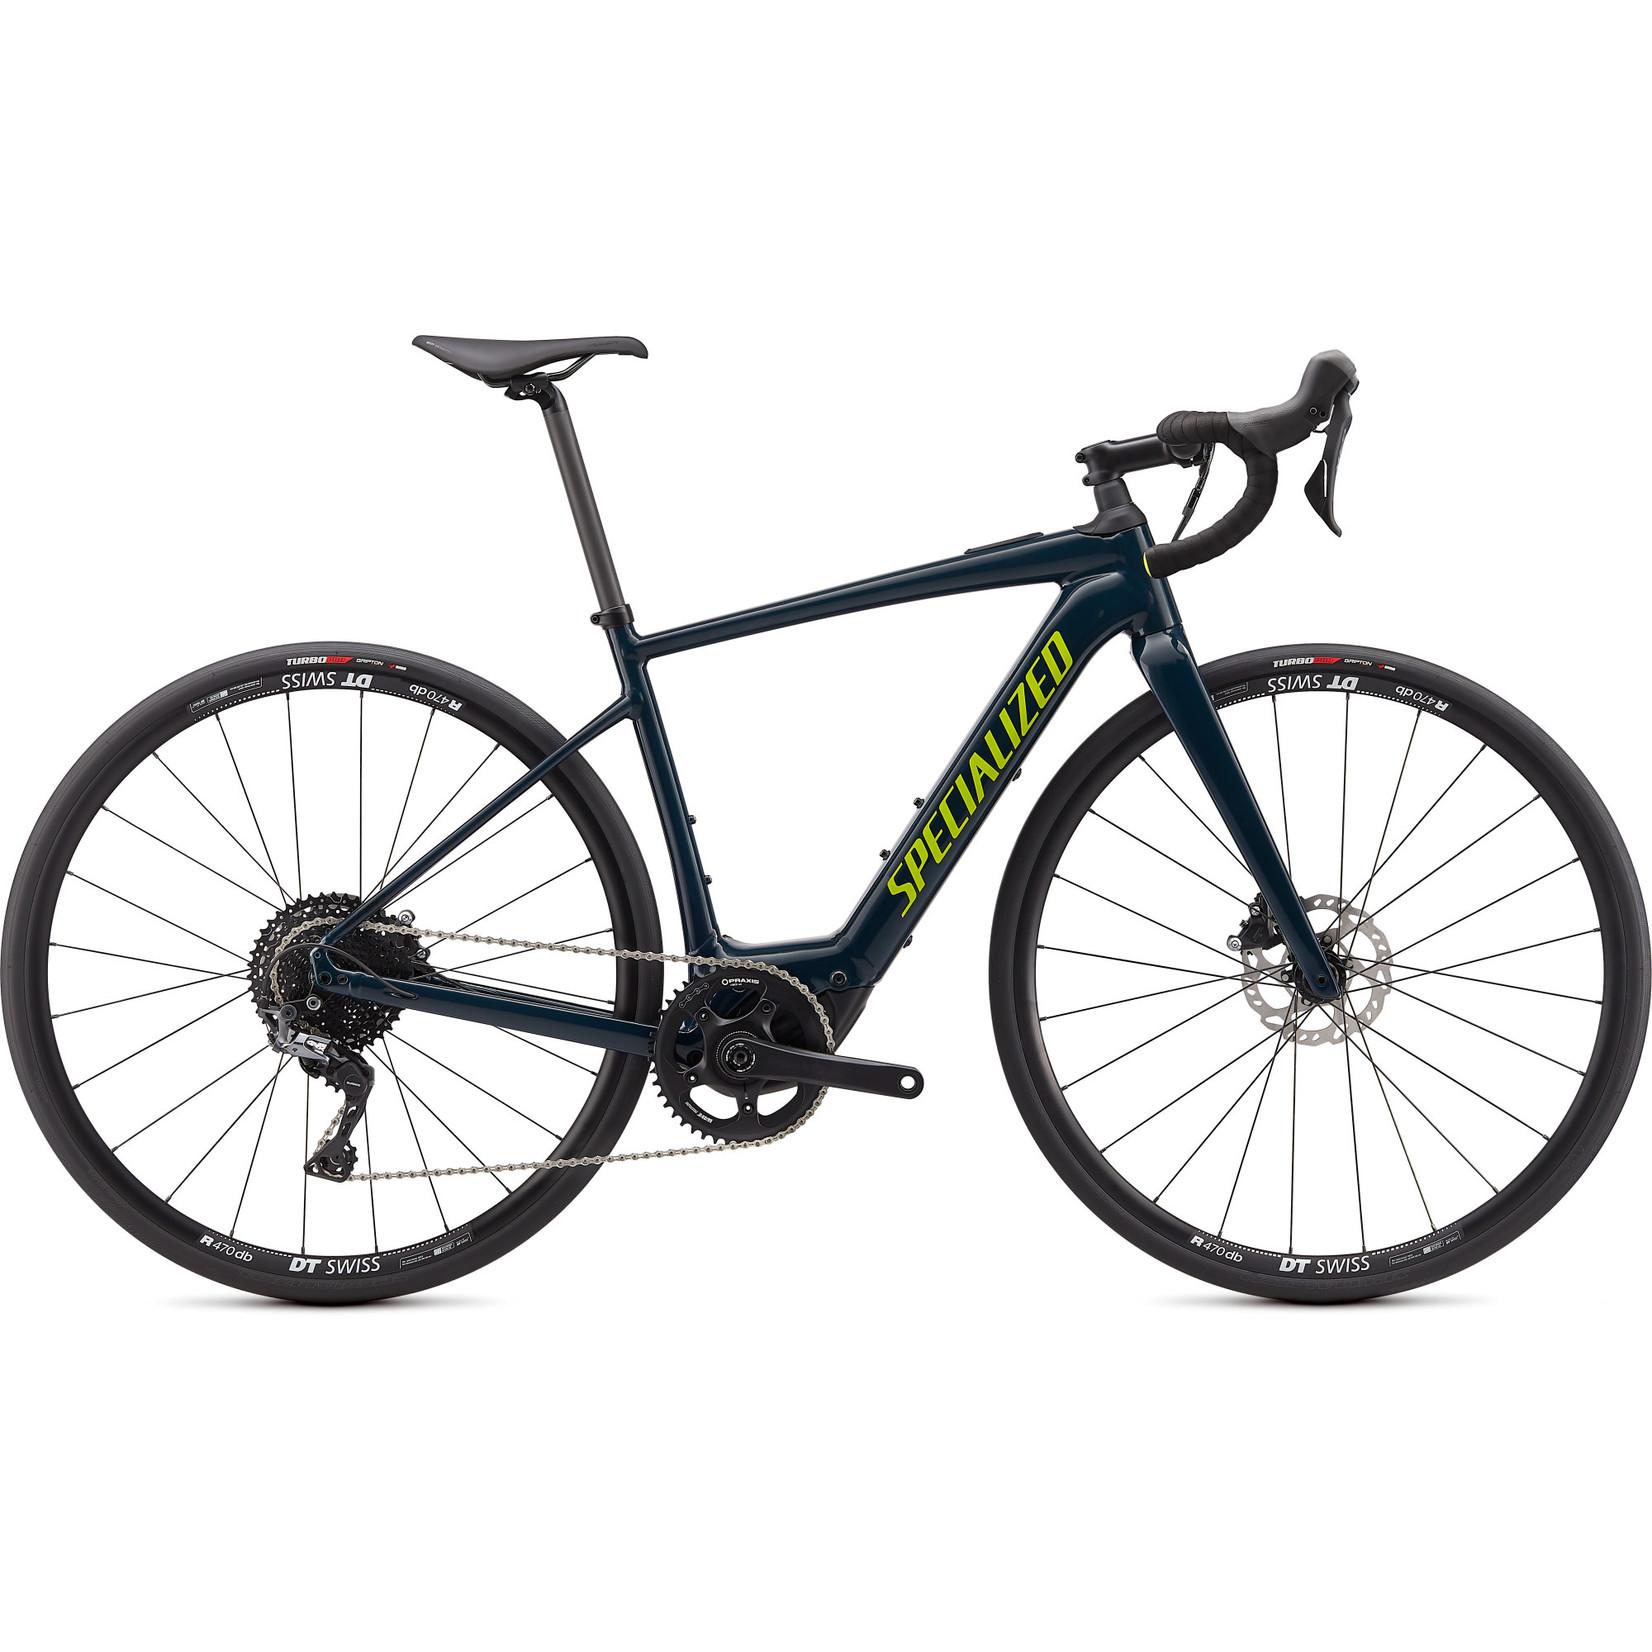 Specialized Creo SL E5 Comp Cast Blue - M E-bike